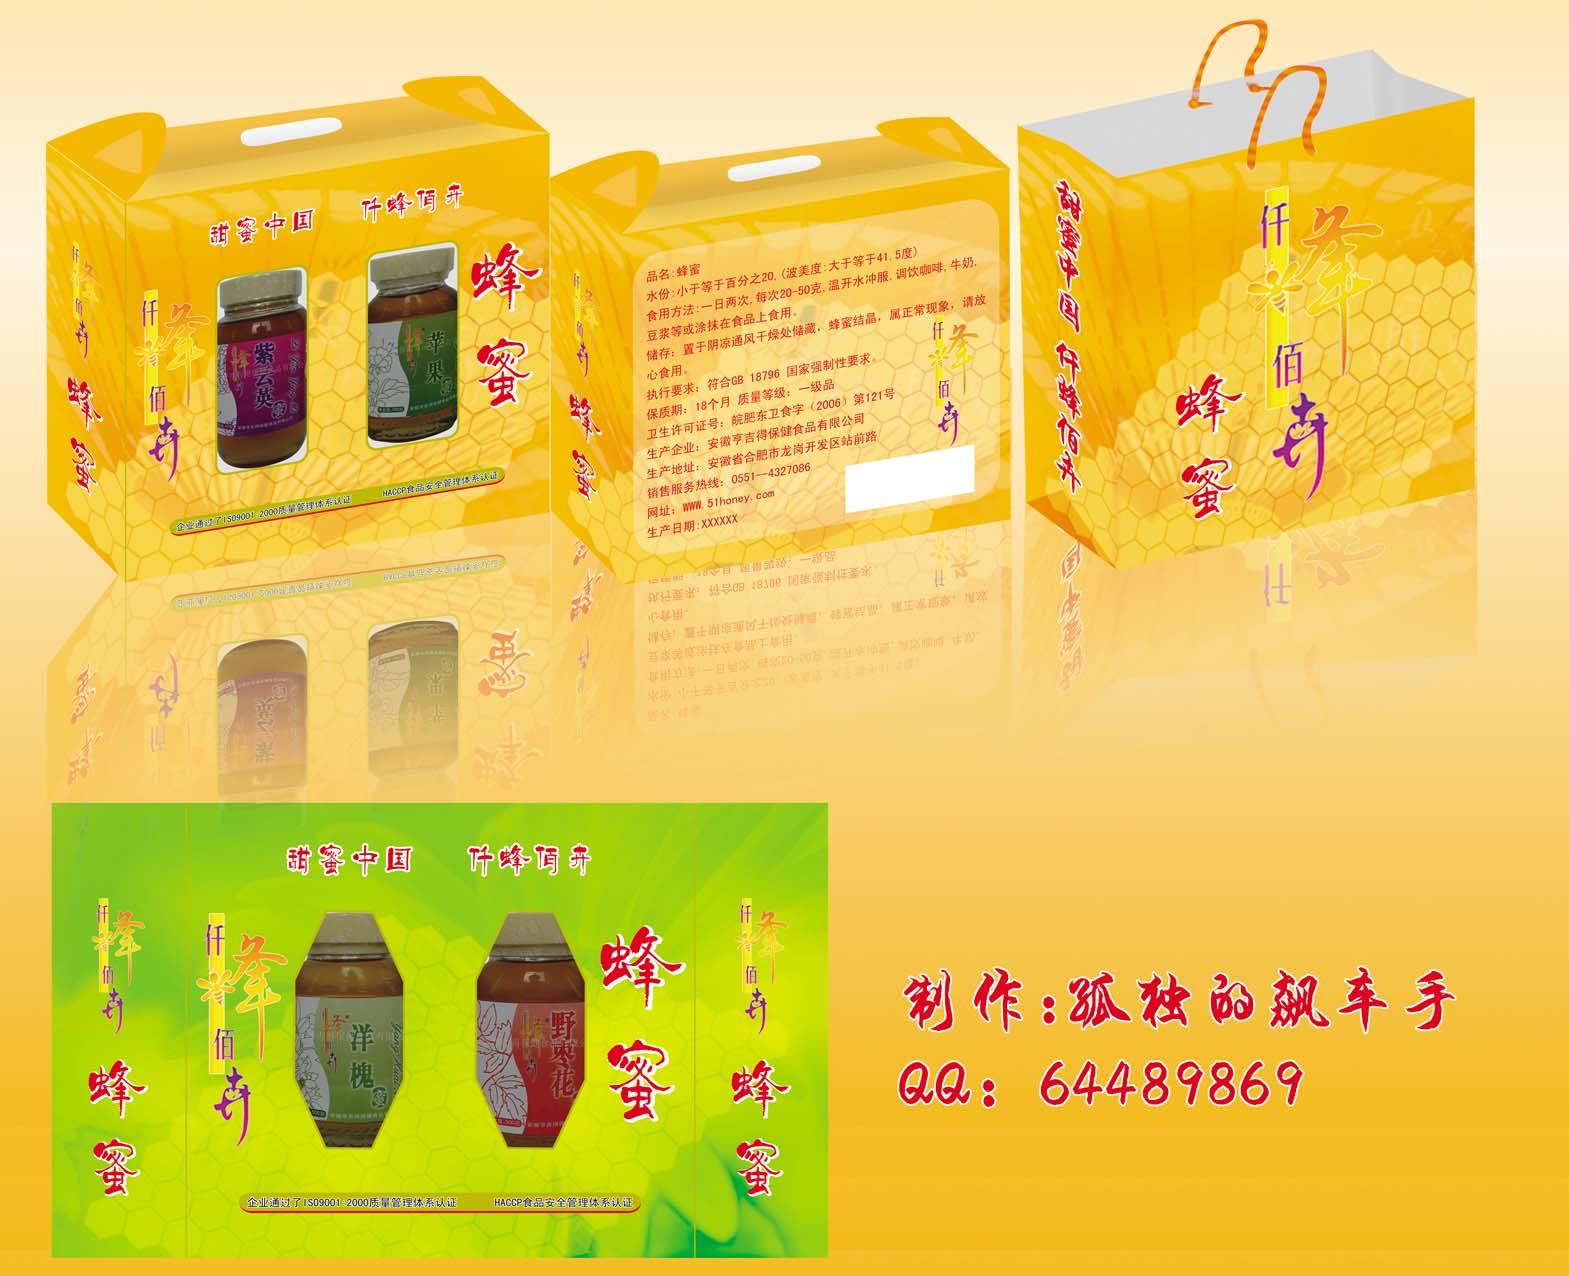 蜂蜜礼盒设计(中标:小俞设计/xiaozhaoai|奖金均分)_508777_k68威客网